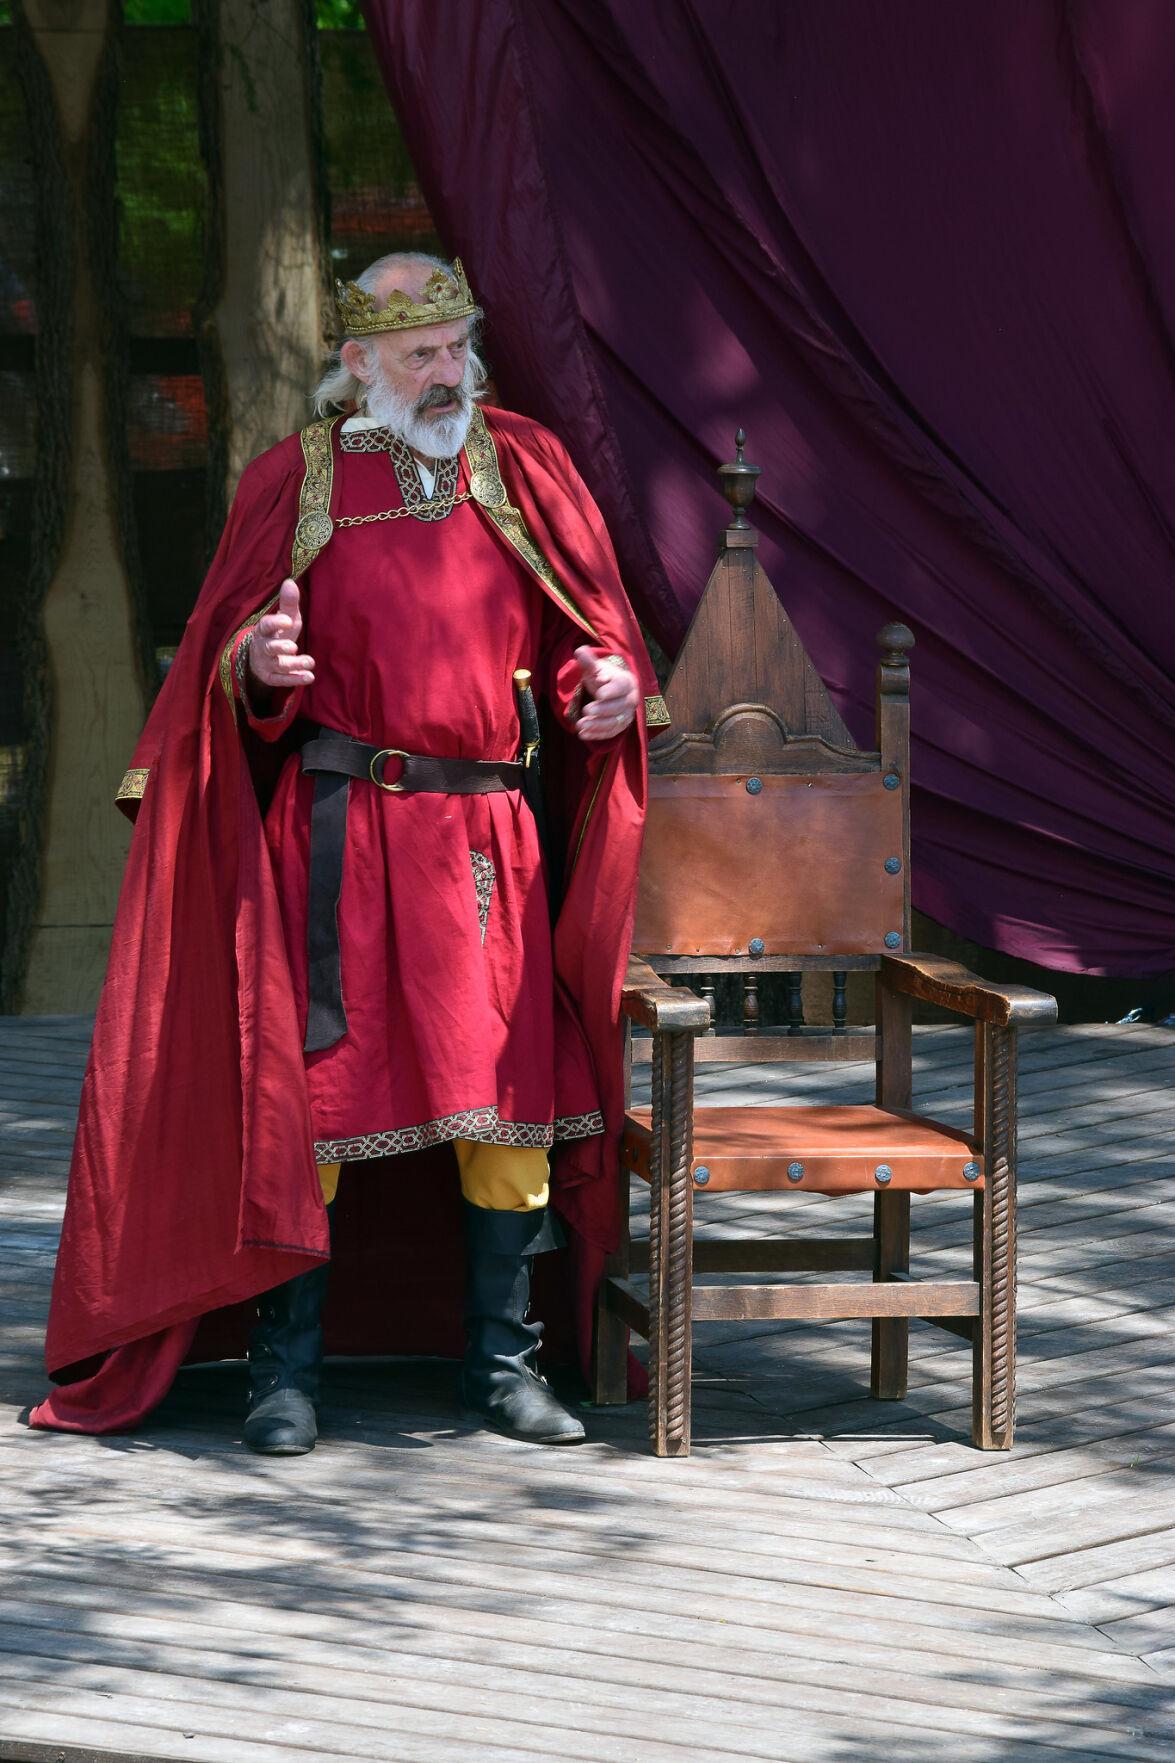 Lloyd as King Lear